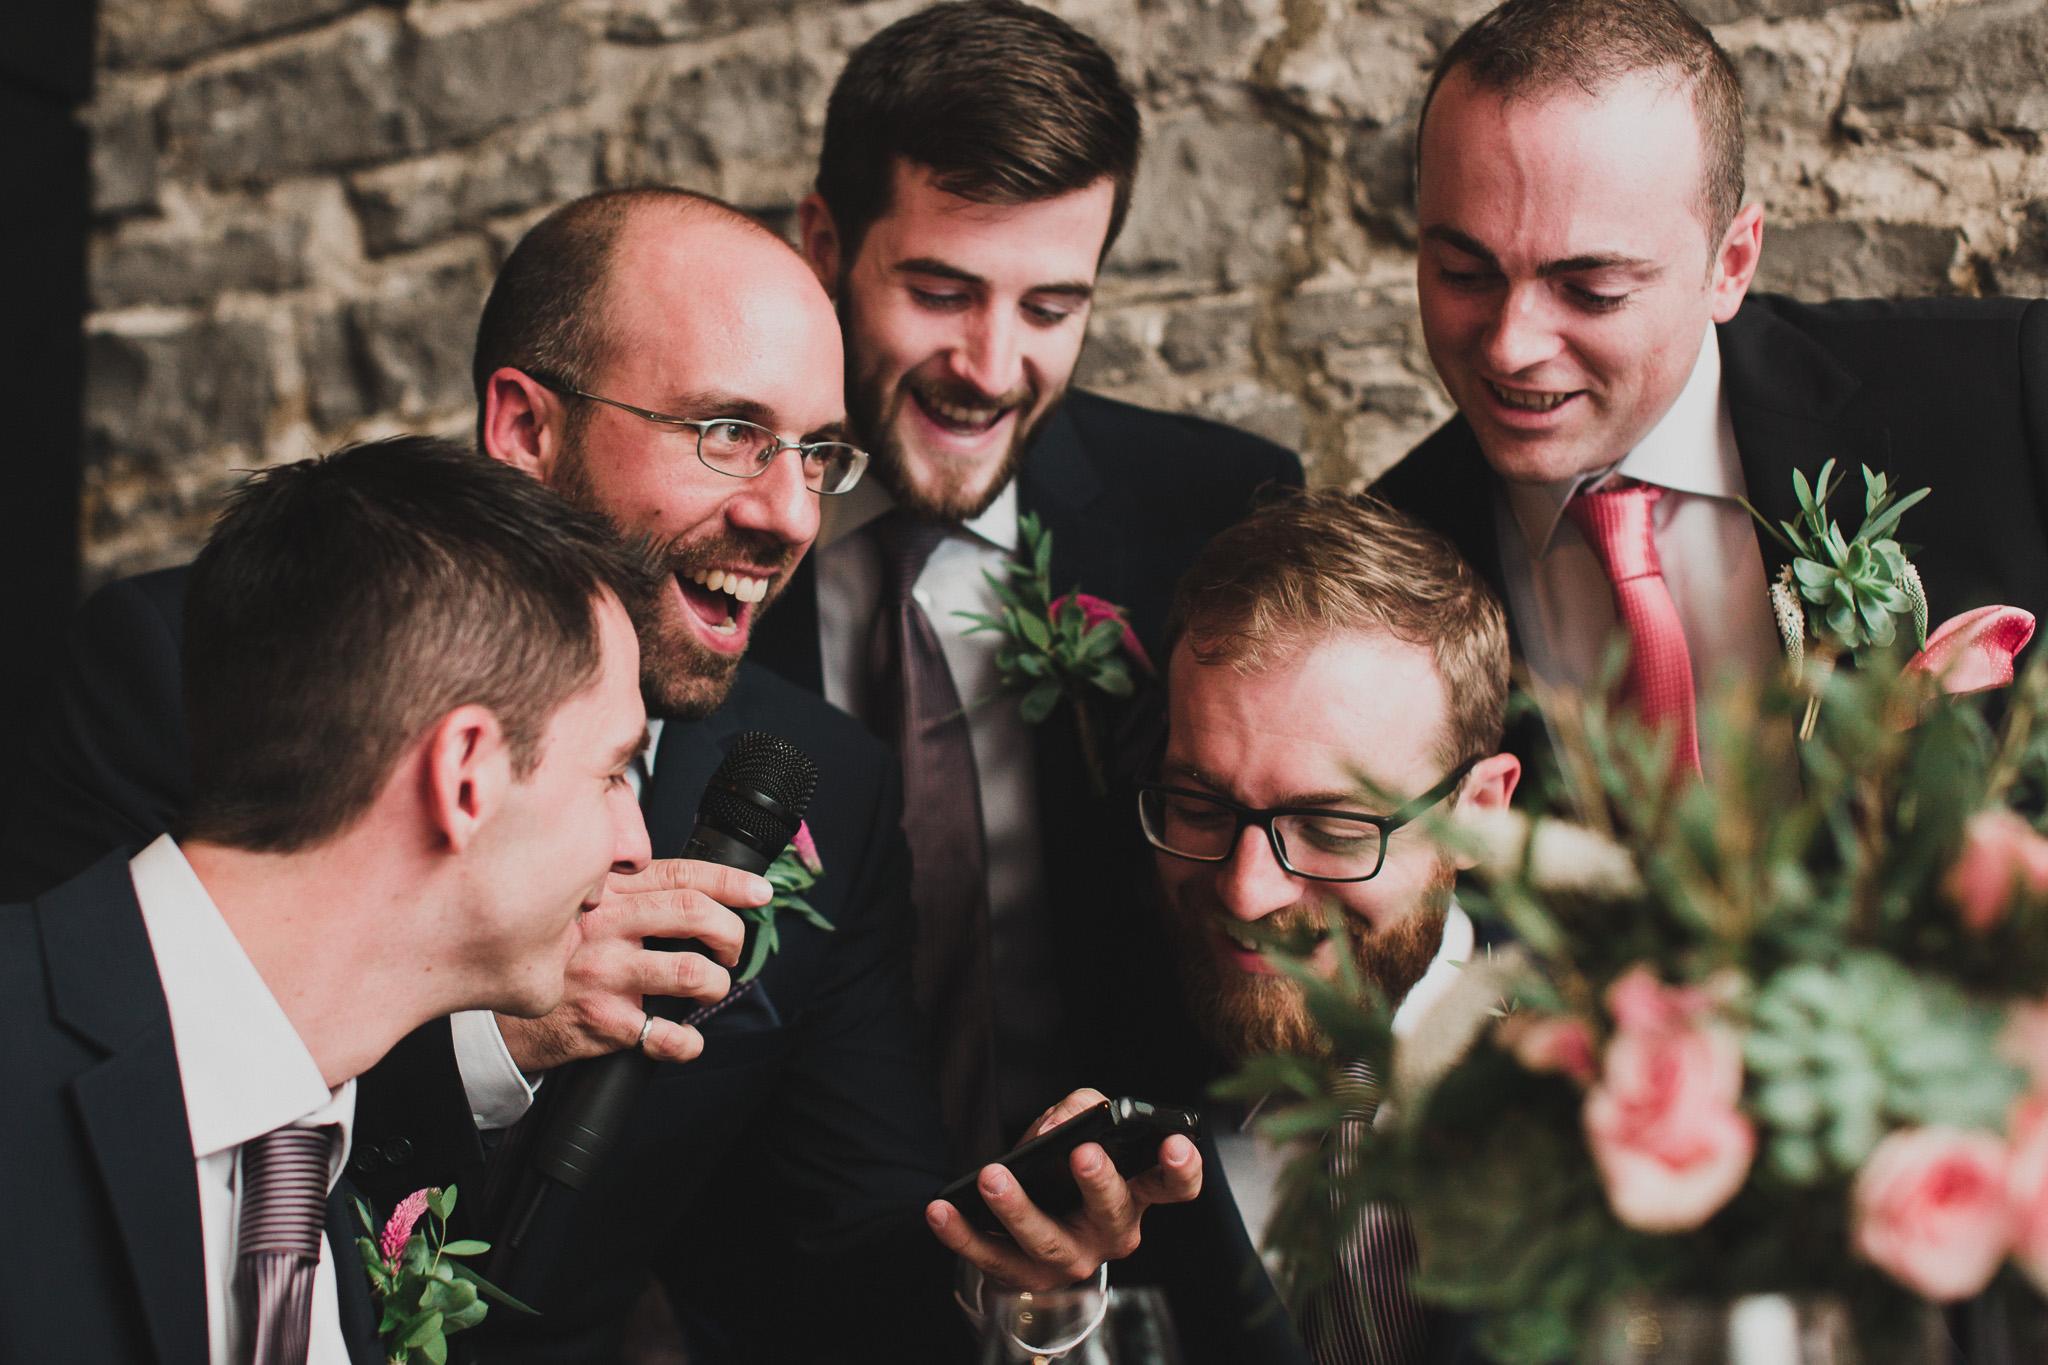 Candid Fun Ottawa Weddings